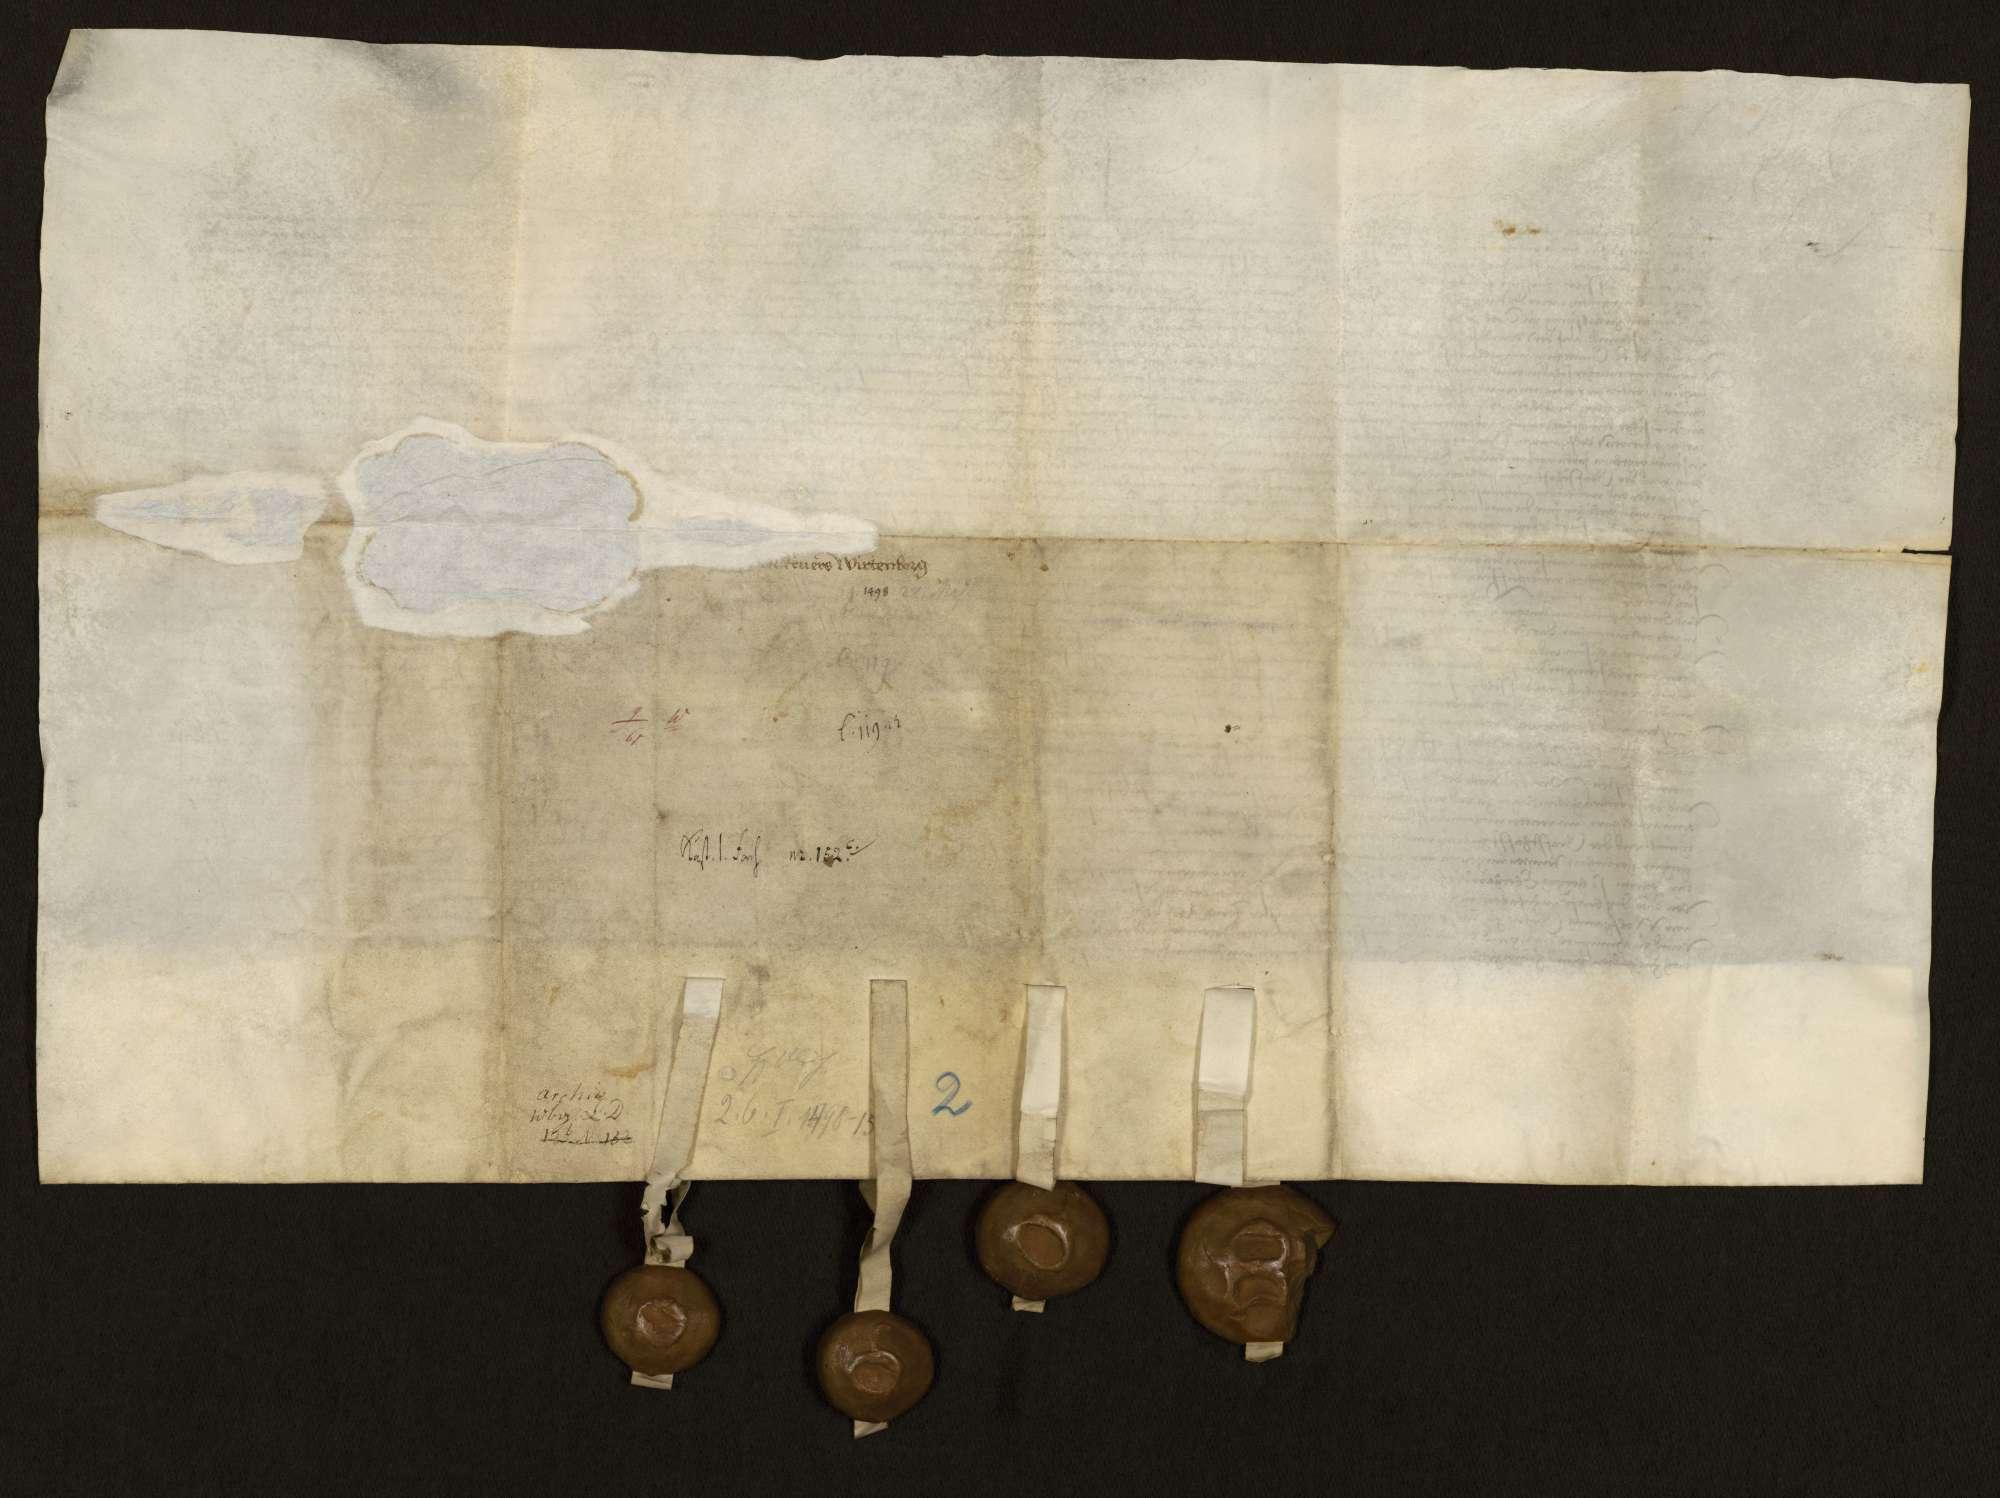 """Das dem Grafen Ulrich zugeordnete Regiment stellt gegenüber König Maximilian den Lehensrevers wegen Württemberg und Mömpelgard aus. Dabei zwei Kopien von Pergament (Lehensbrief für die """"Reichslehen und Regalien""""), Bild 2"""